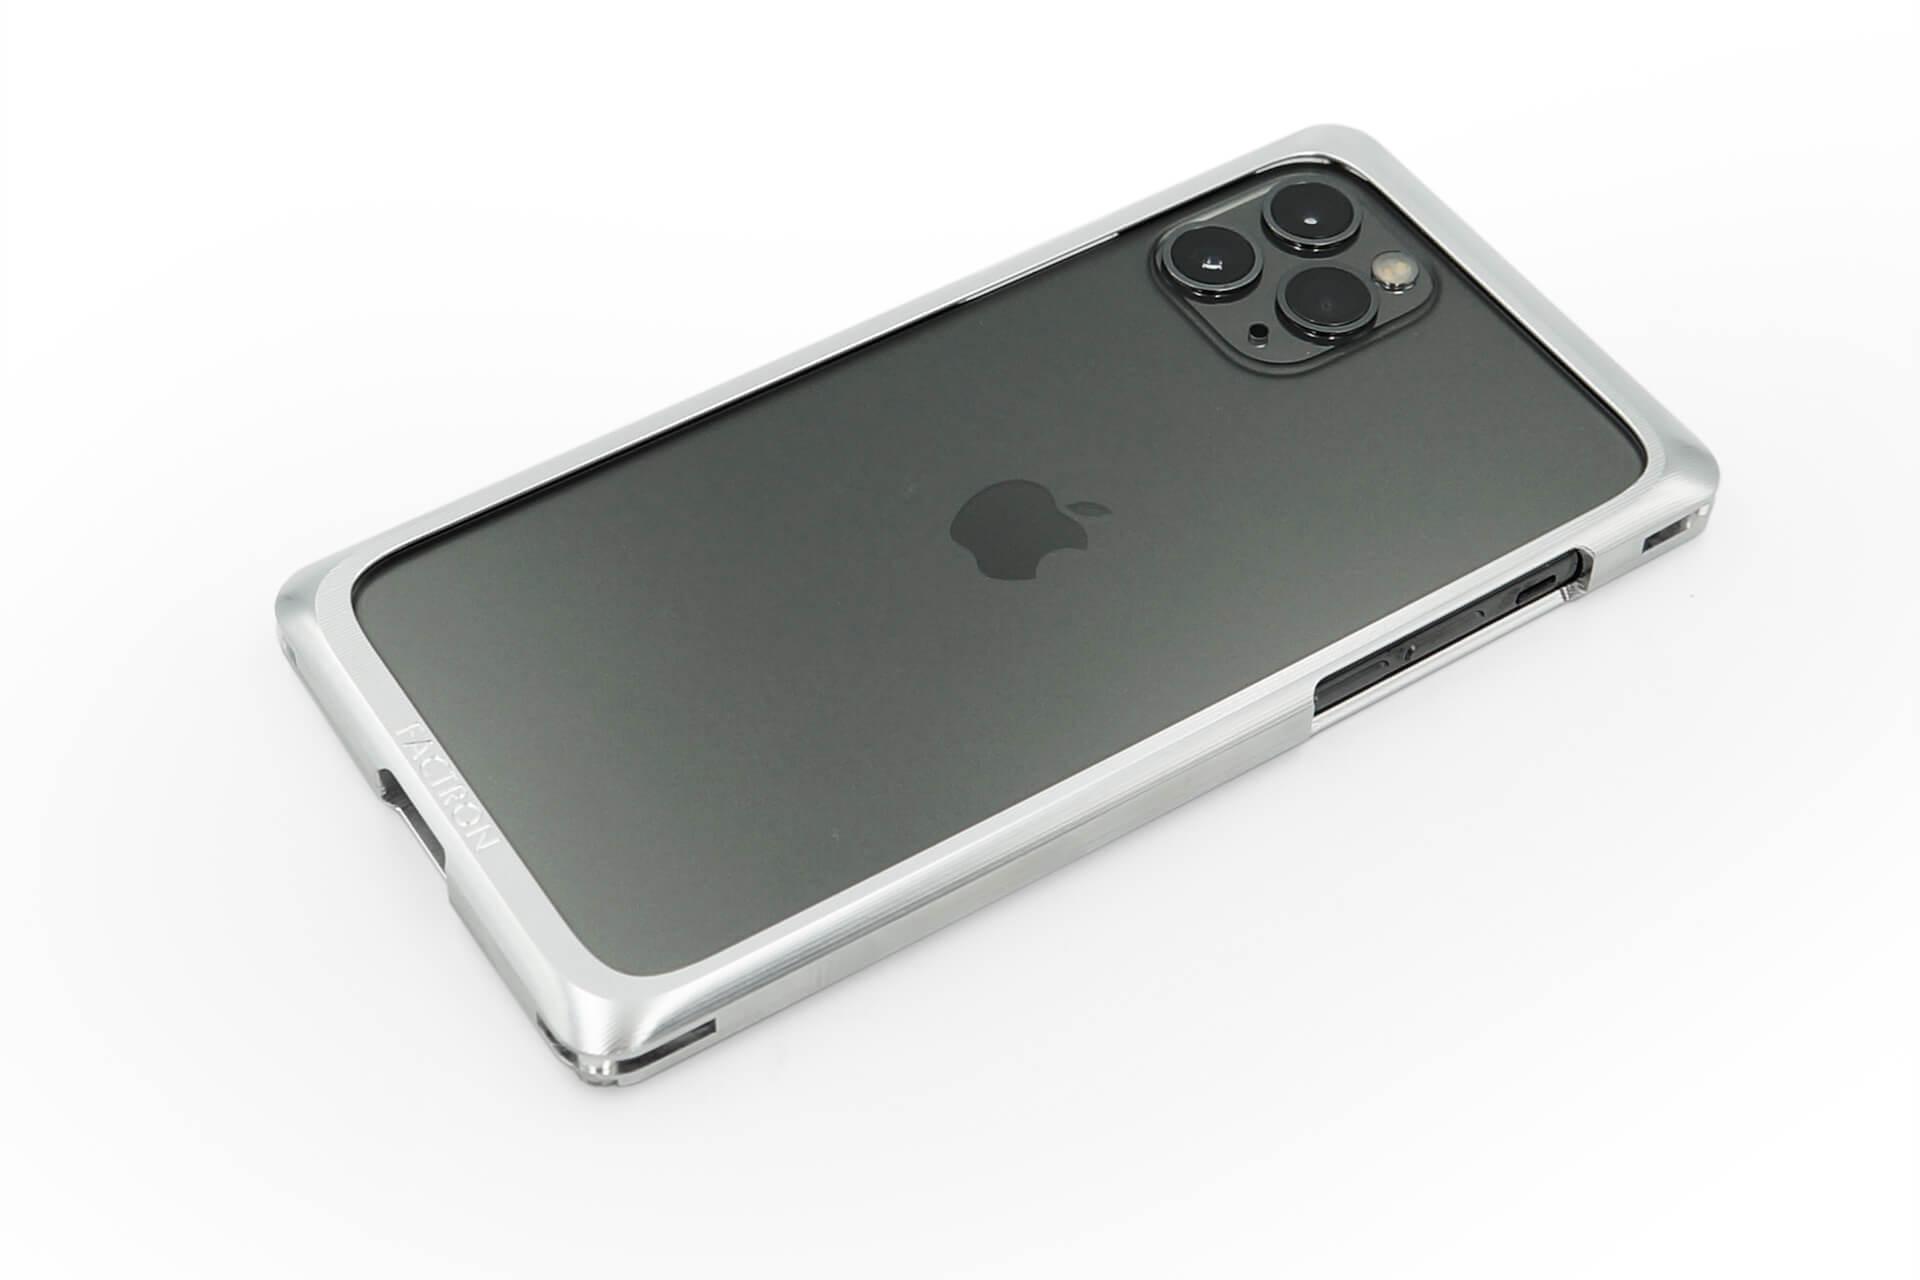 航空機にも使われる強固なジュラルミン素材を使用したiPhone 11Pro/11Pro Max用ケースが新発売! FACTRON_iPhone11Pro_SIMPLEX_04